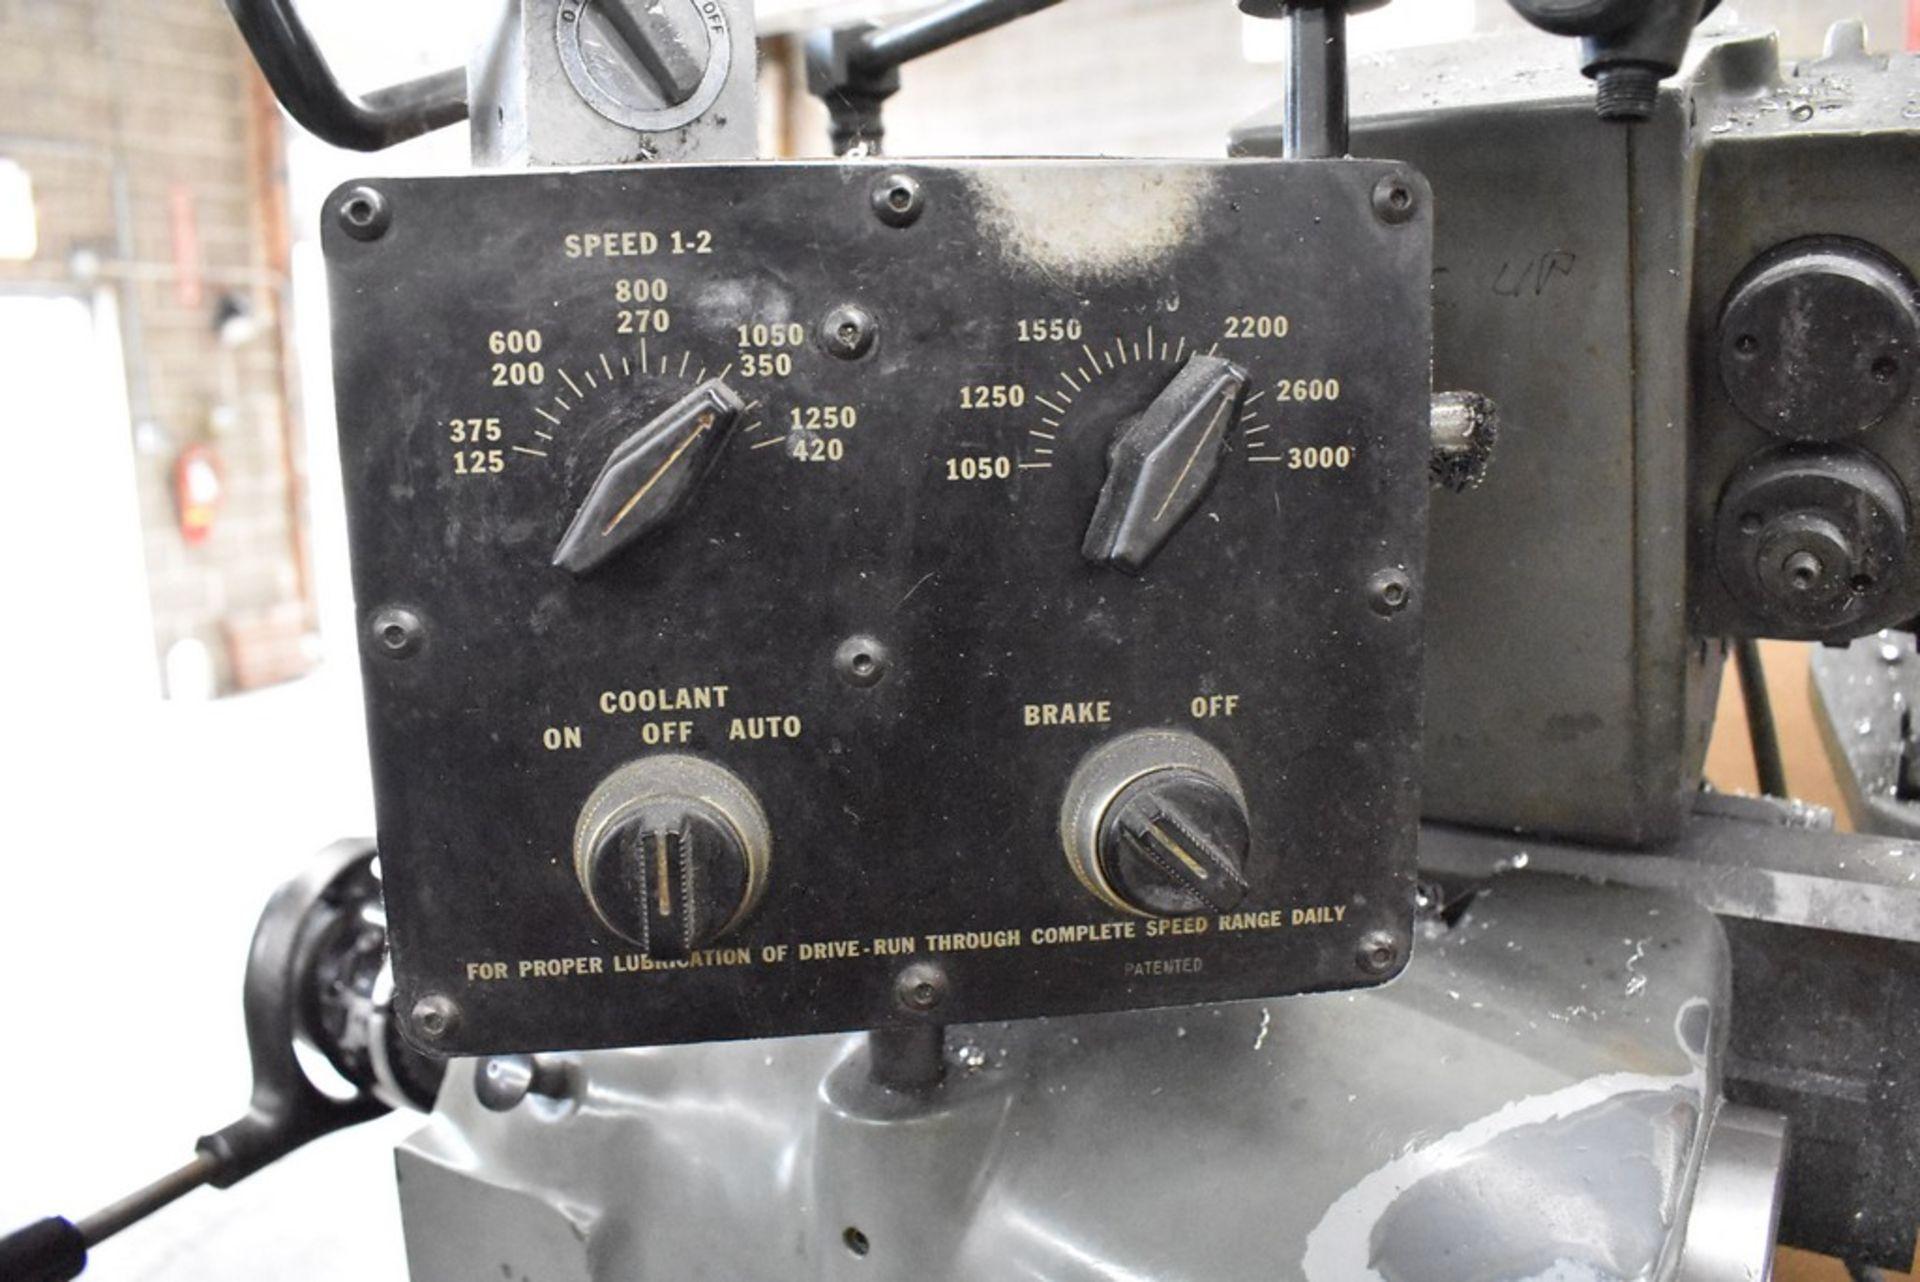 HARDINGE LATHE HCAT CABINET BASE LEADSCREW THREADING CHUCKER, S/N HC-2699G, WITH LEADSCREW THREADING - Image 19 of 25